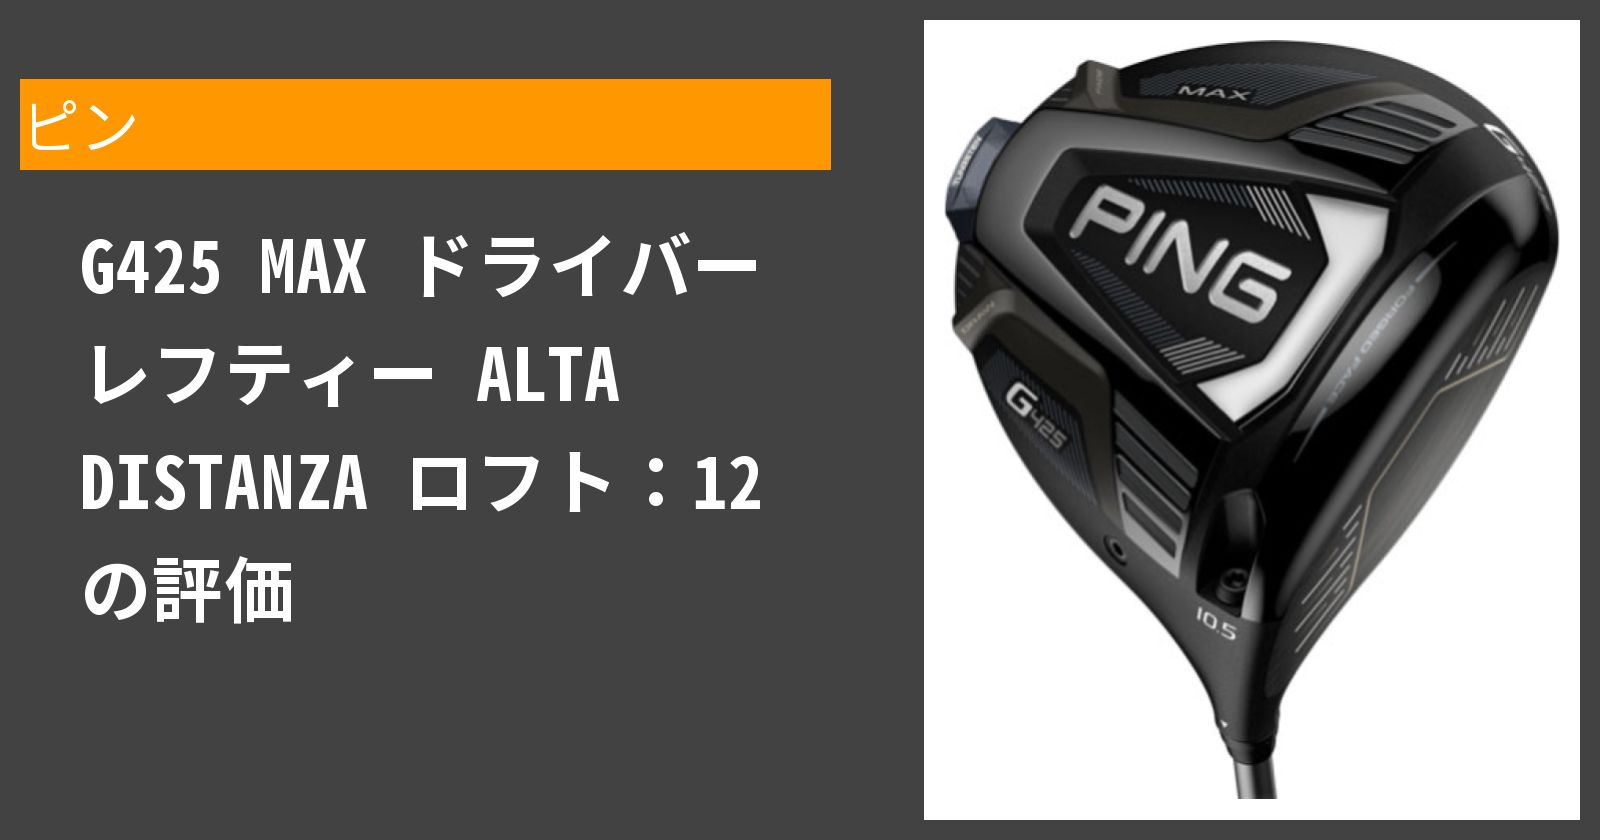 G425 MAX ドライバー レフティー ALTA DISTANZA ロフト:12を徹底評価